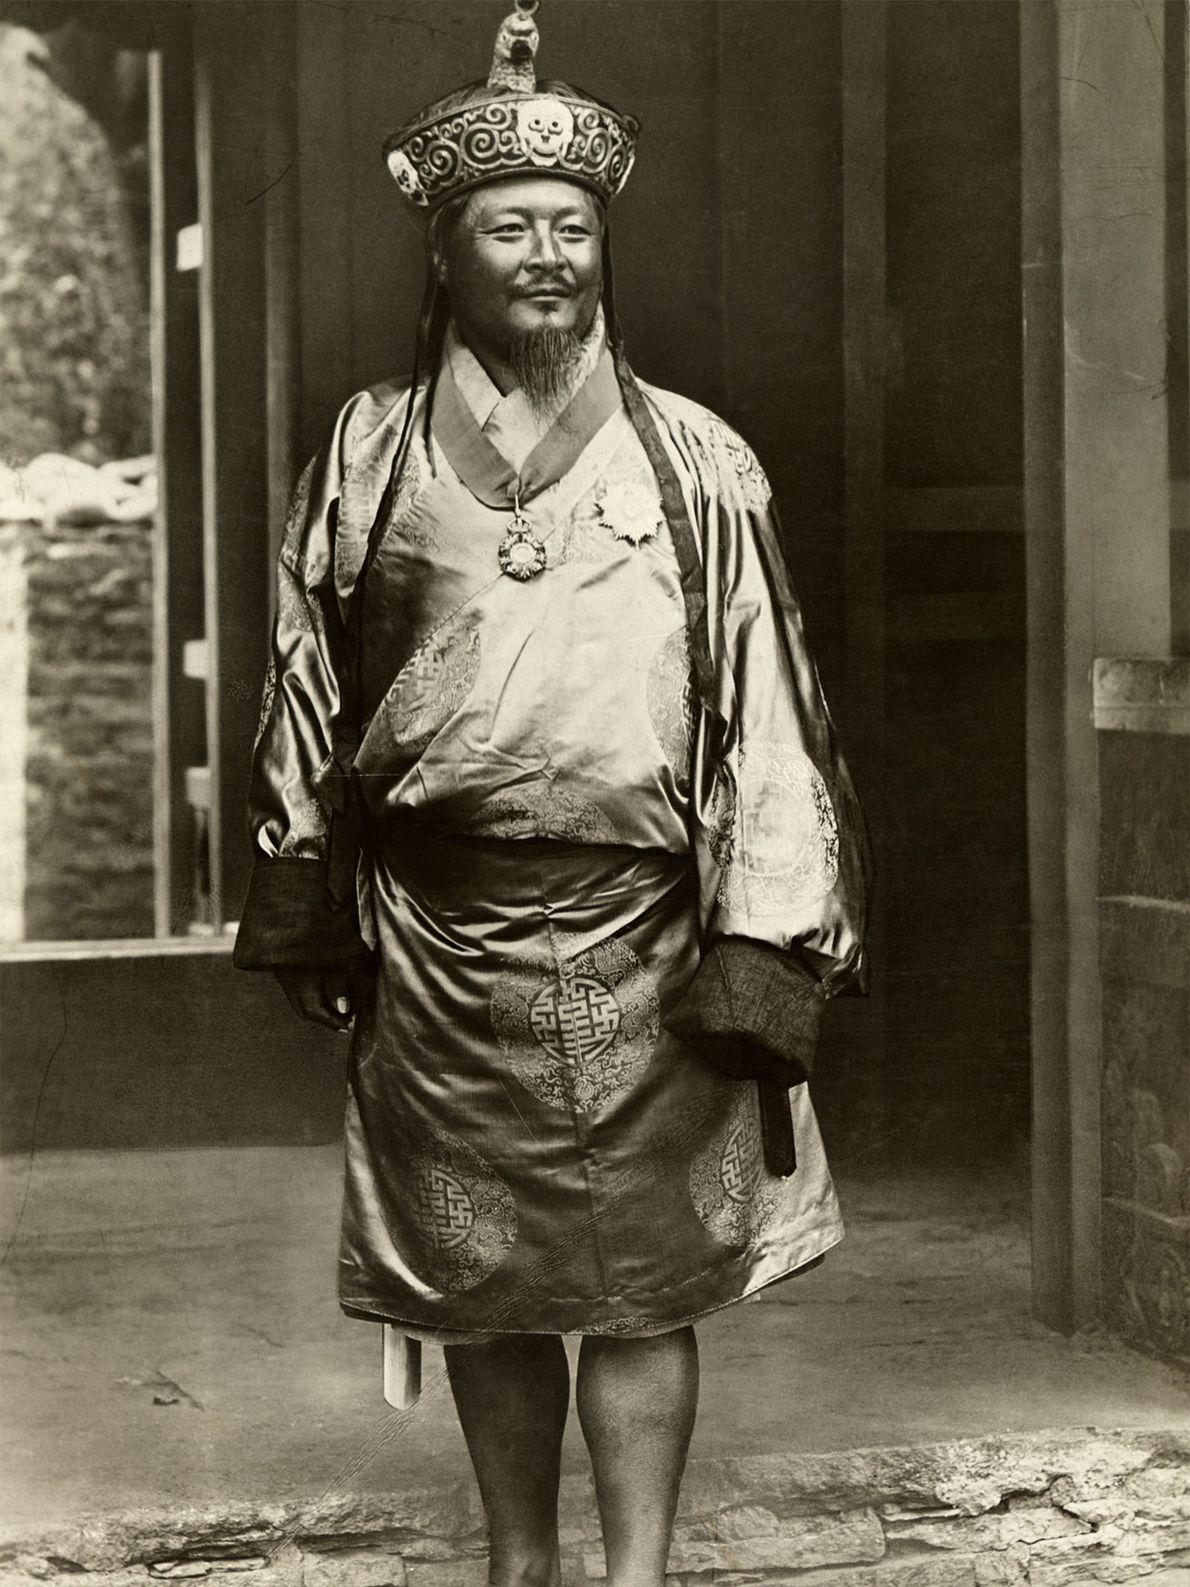 Ugyen Wangchuk, le premier roi du Bhoutan, prend ici la pose au début des années 1900 ...